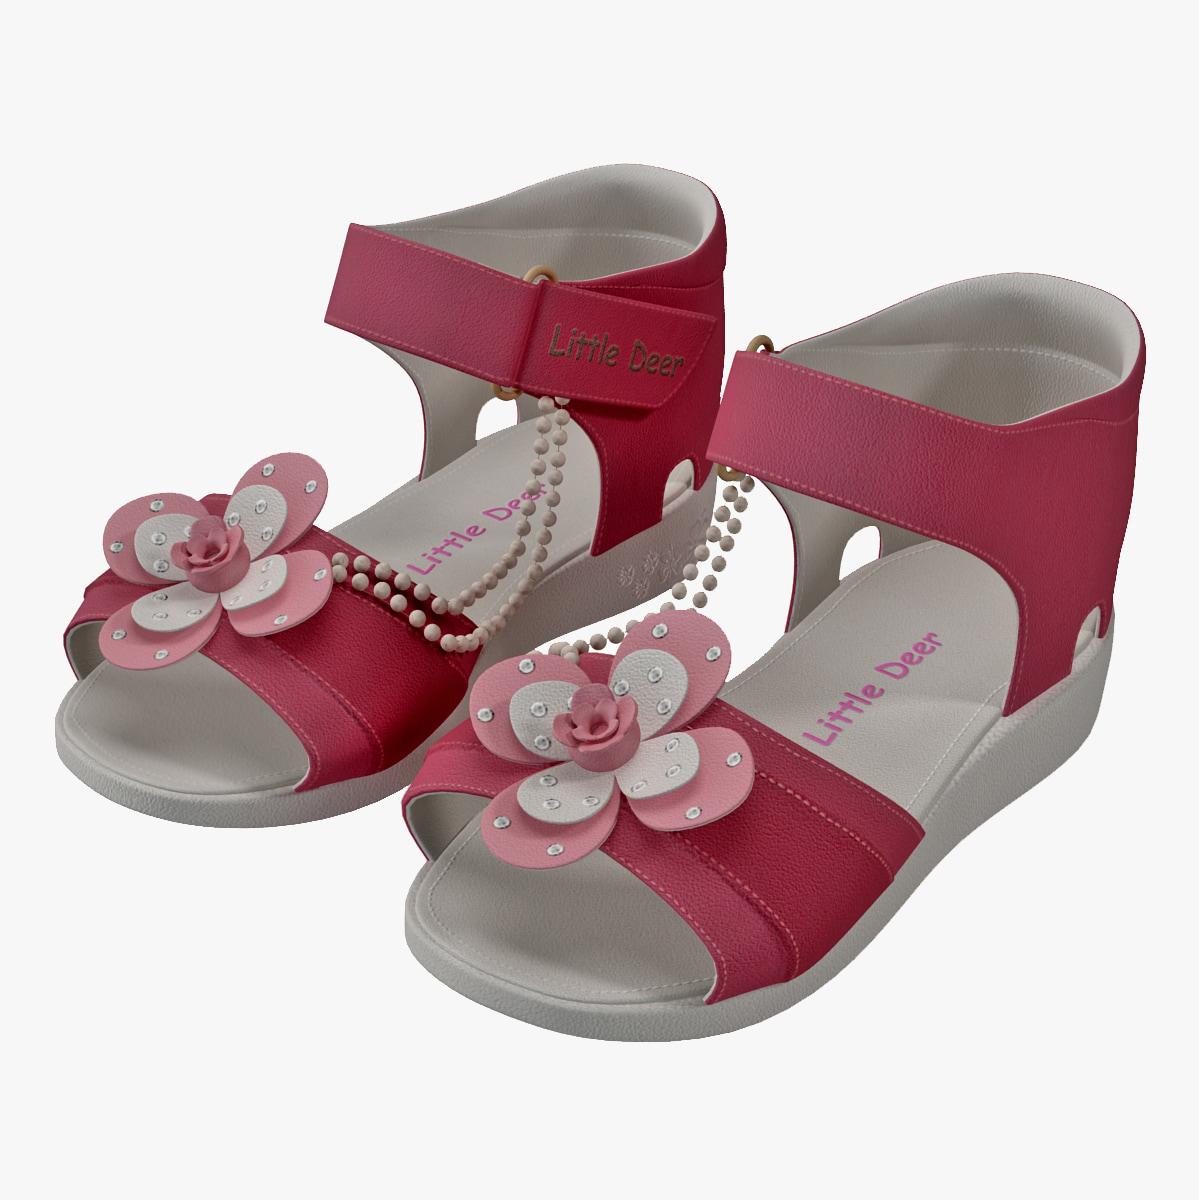 3ds max children sandal v3